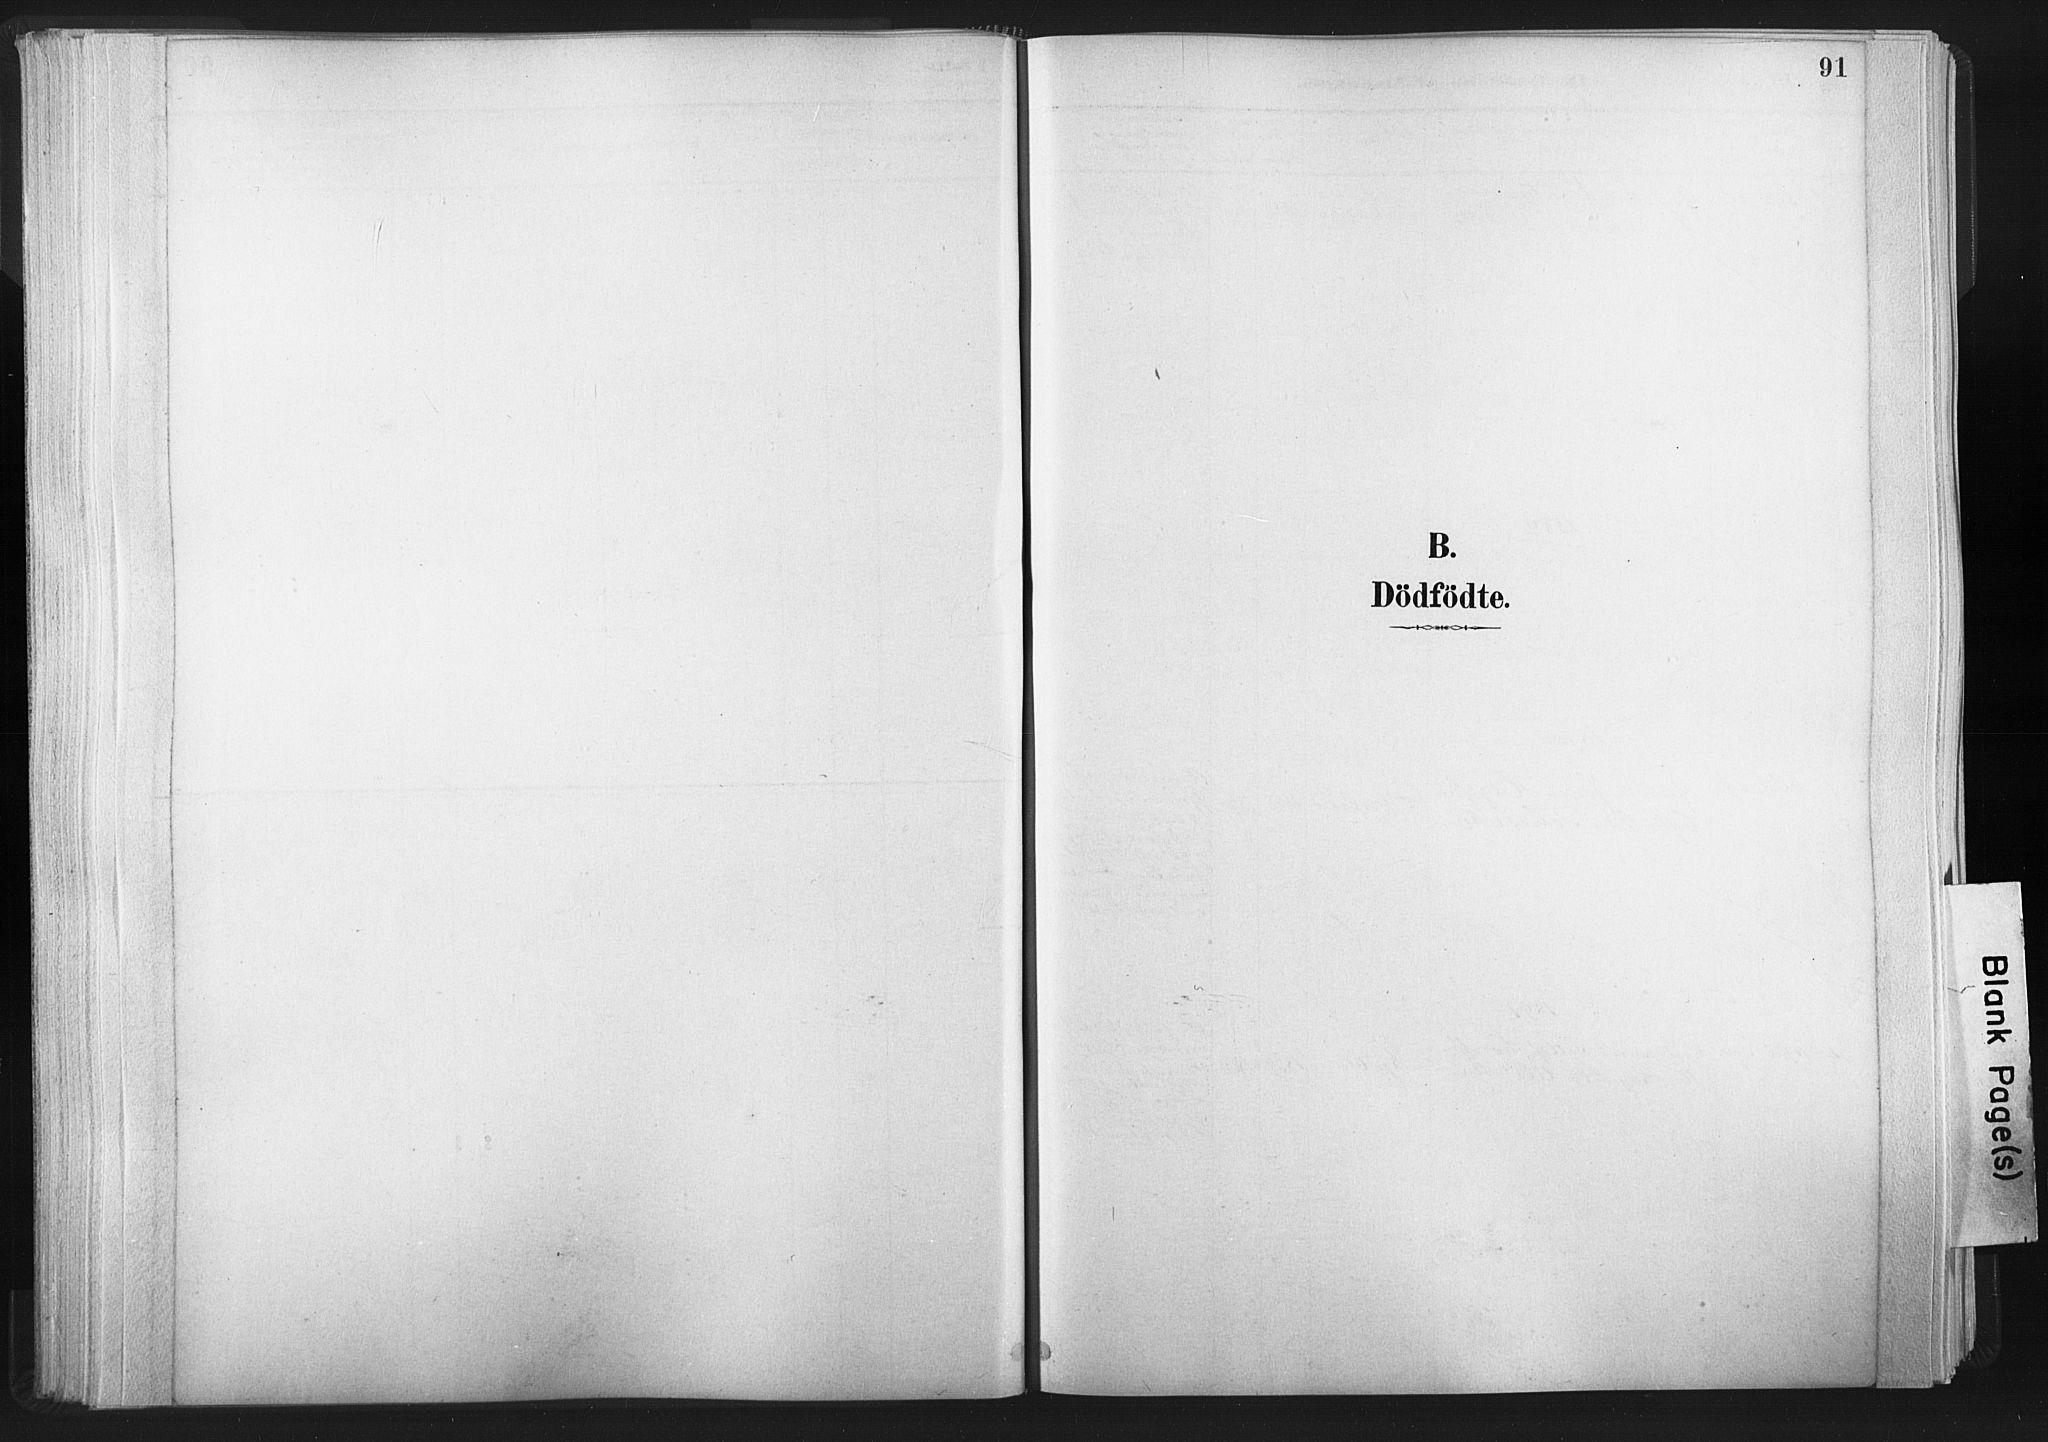 SAT, Ministerialprotokoller, klokkerbøker og fødselsregistre - Nord-Trøndelag, 749/L0474: Ministerialbok nr. 749A08, 1887-1903, s. 91